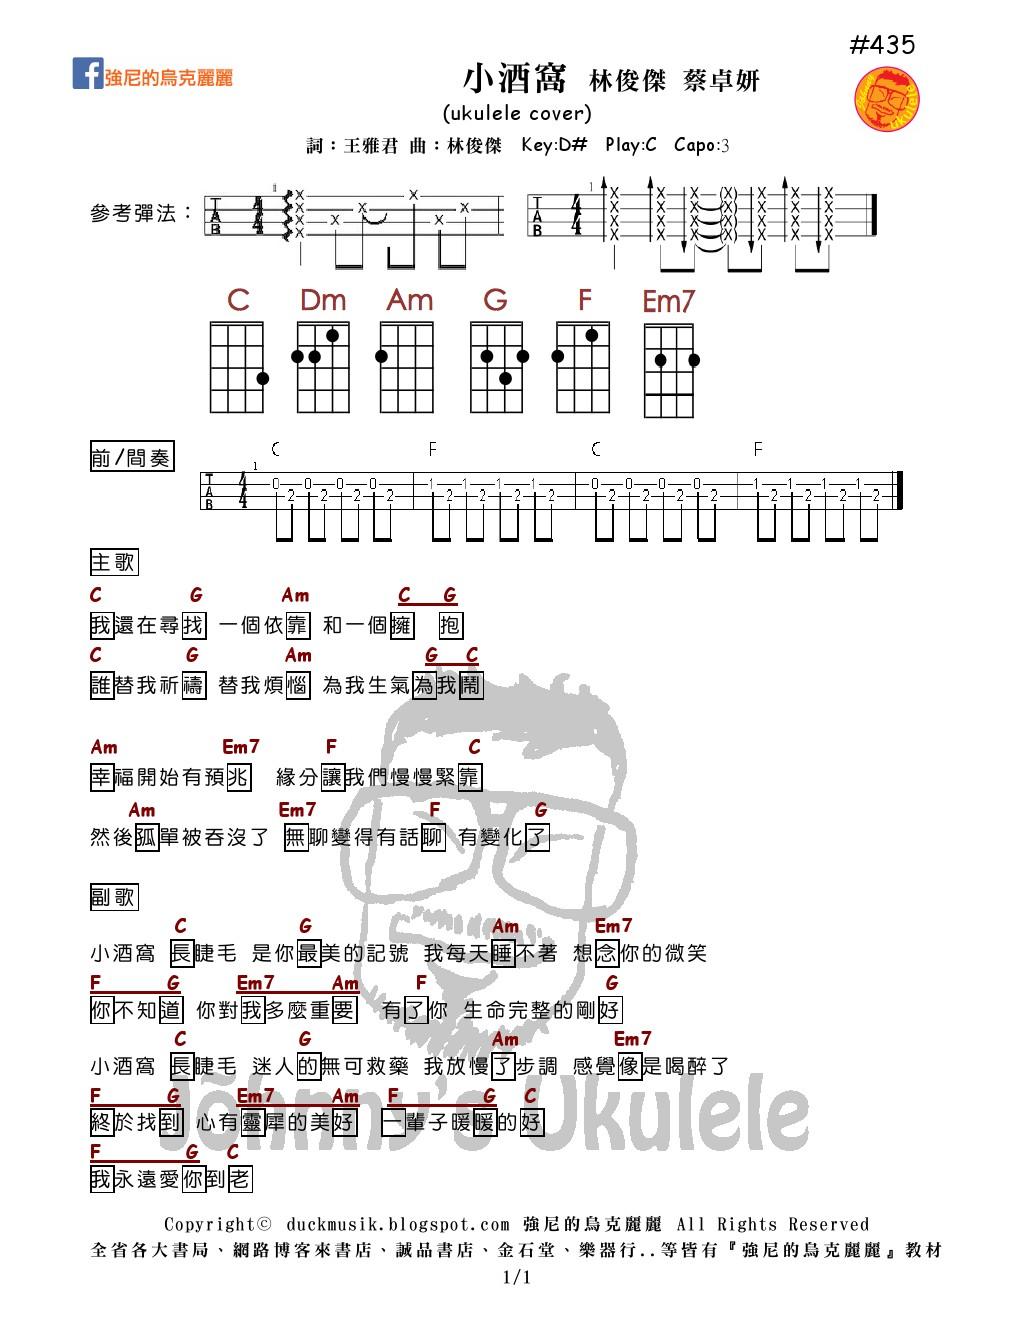 強尼的烏克麗麗 Johnny Ukulele音樂教室: #435 小酒窩 JJ林俊傑 蔡卓妍阿Sa 強尼的烏克麗麗譜 Johnny's Ukulele Tabs